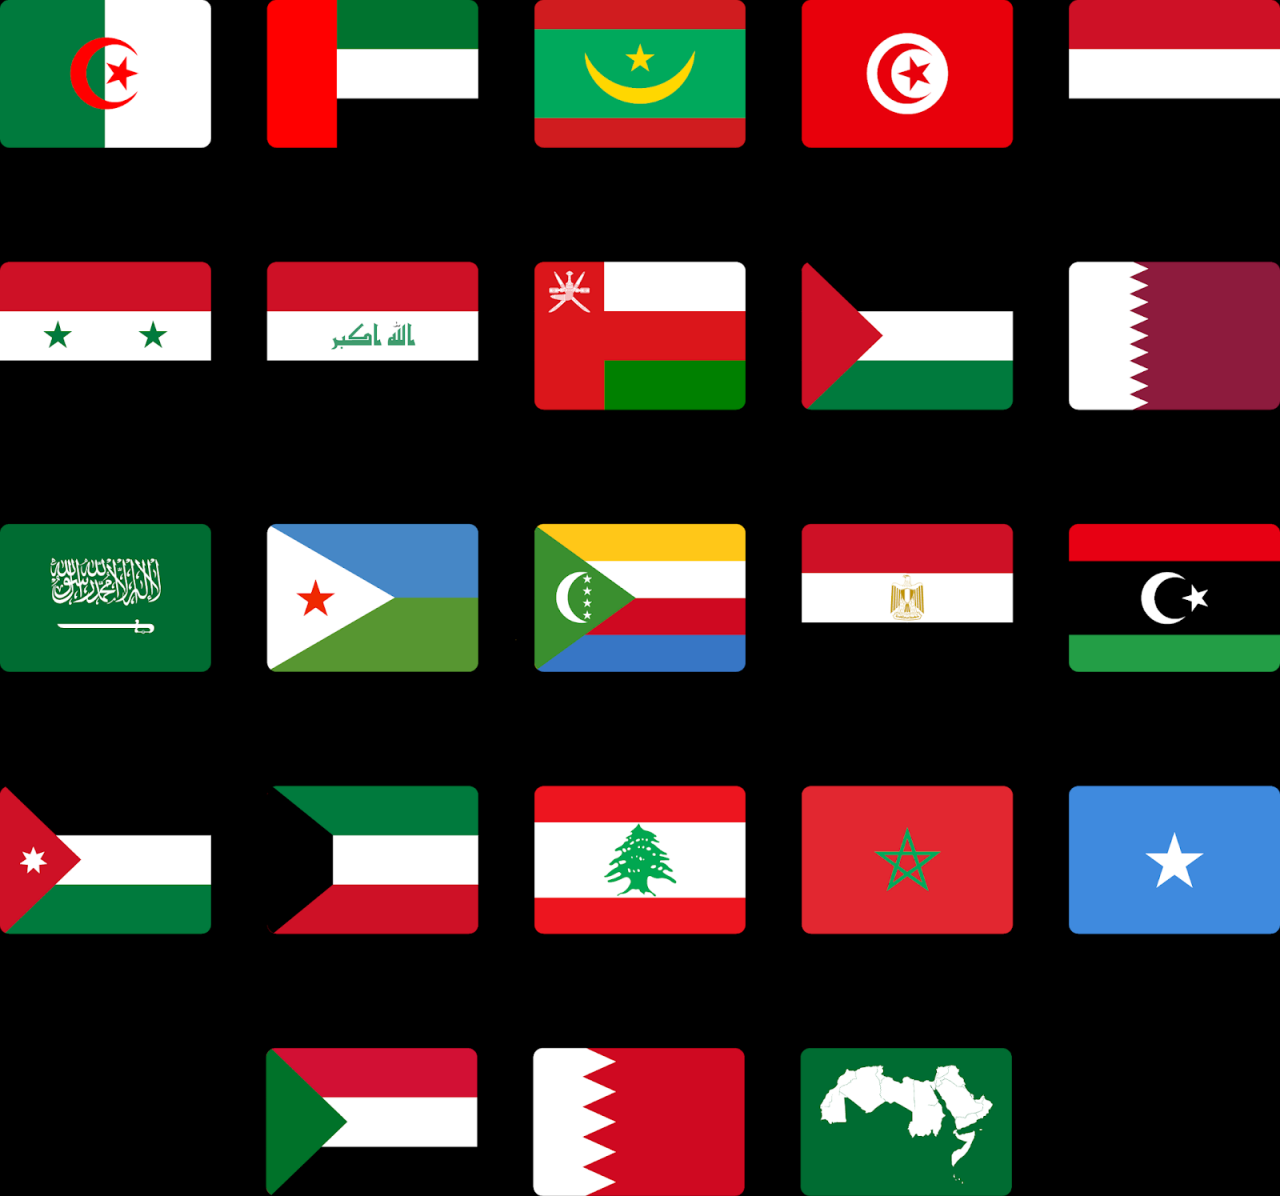 صورة الدول العربية اسماء , تعرف علي اسماء بلاد الوطن العربي